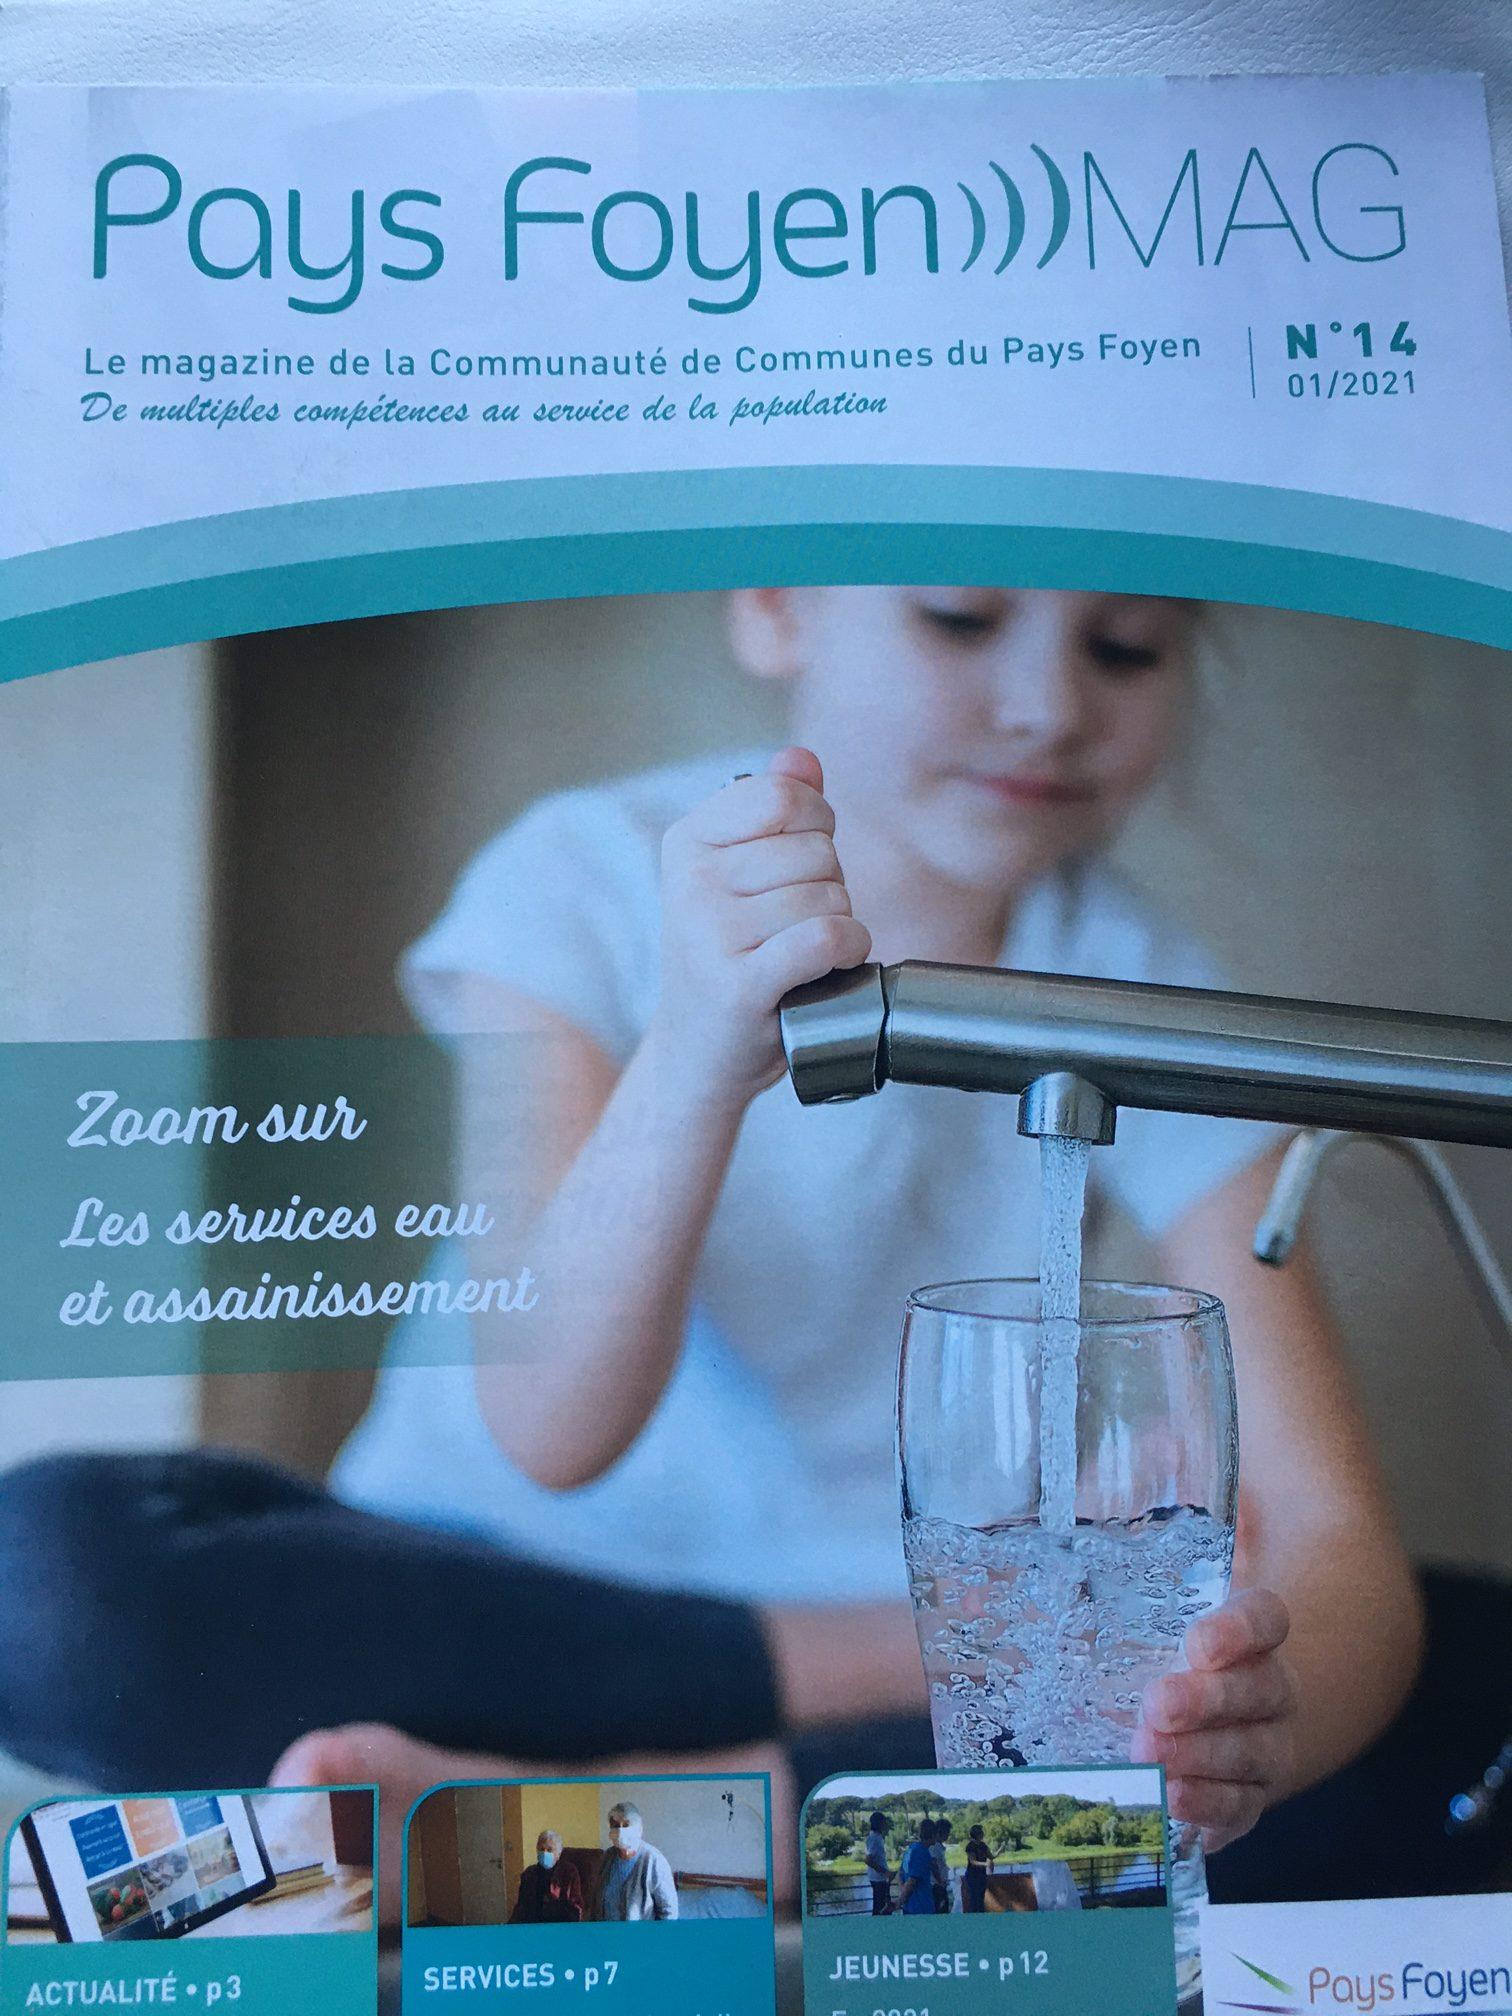 Vie pratique : le magazine de la Communauté de Communes du Pays Foyen (n°14 janvier 2021) présente un remarquable cahier pratique sur les services d'eau et d'assainissement